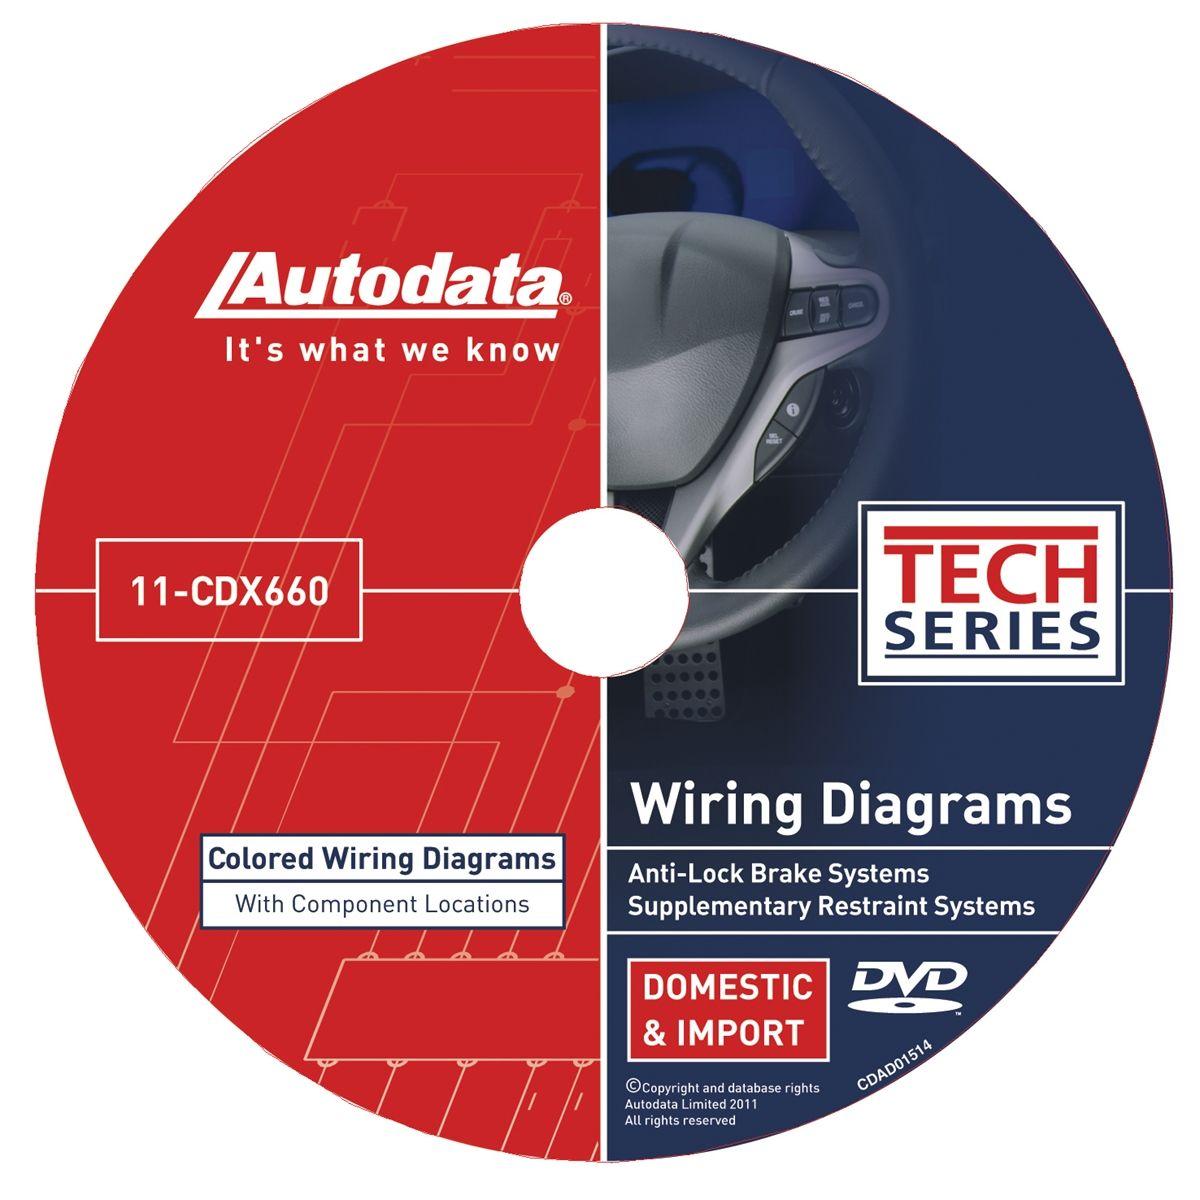 2011 Wiring Diagrams Dvd